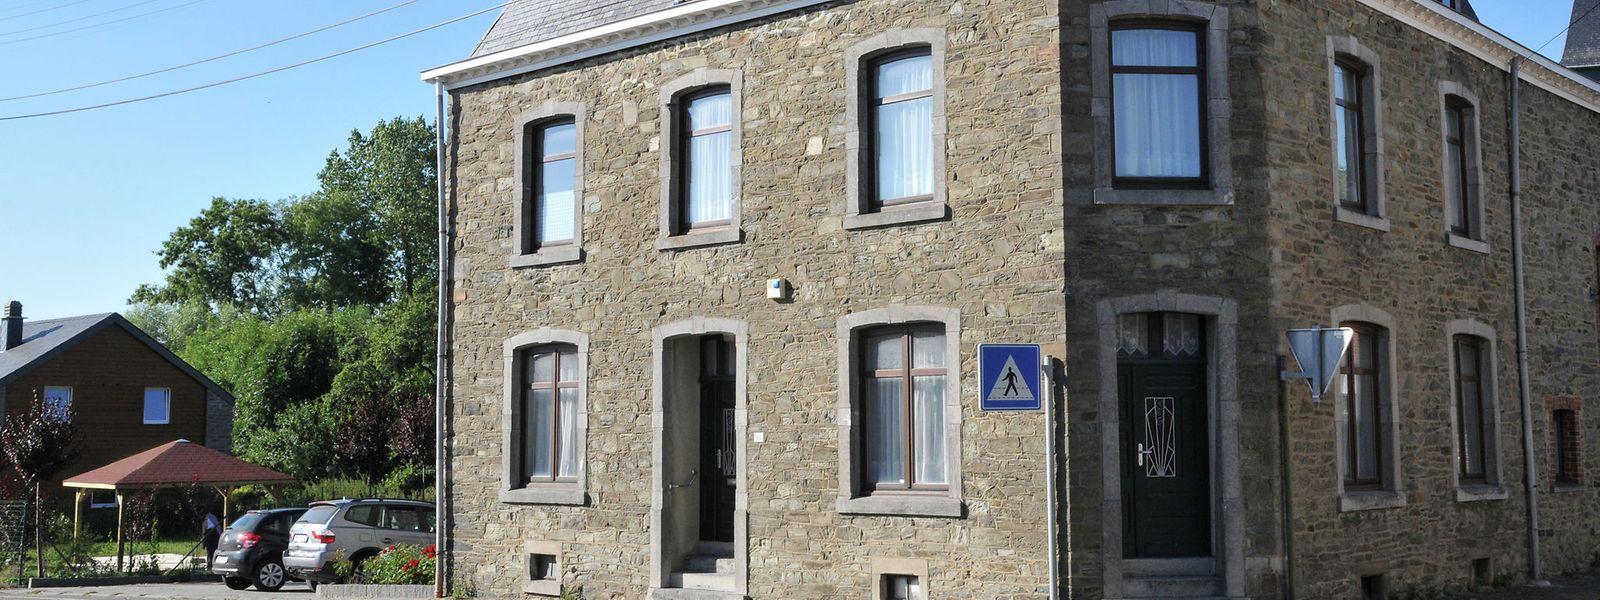 Le prix moyen d'une maison en province de Luxembourg s'élevait à 215.847 euros au premier semestre 2020